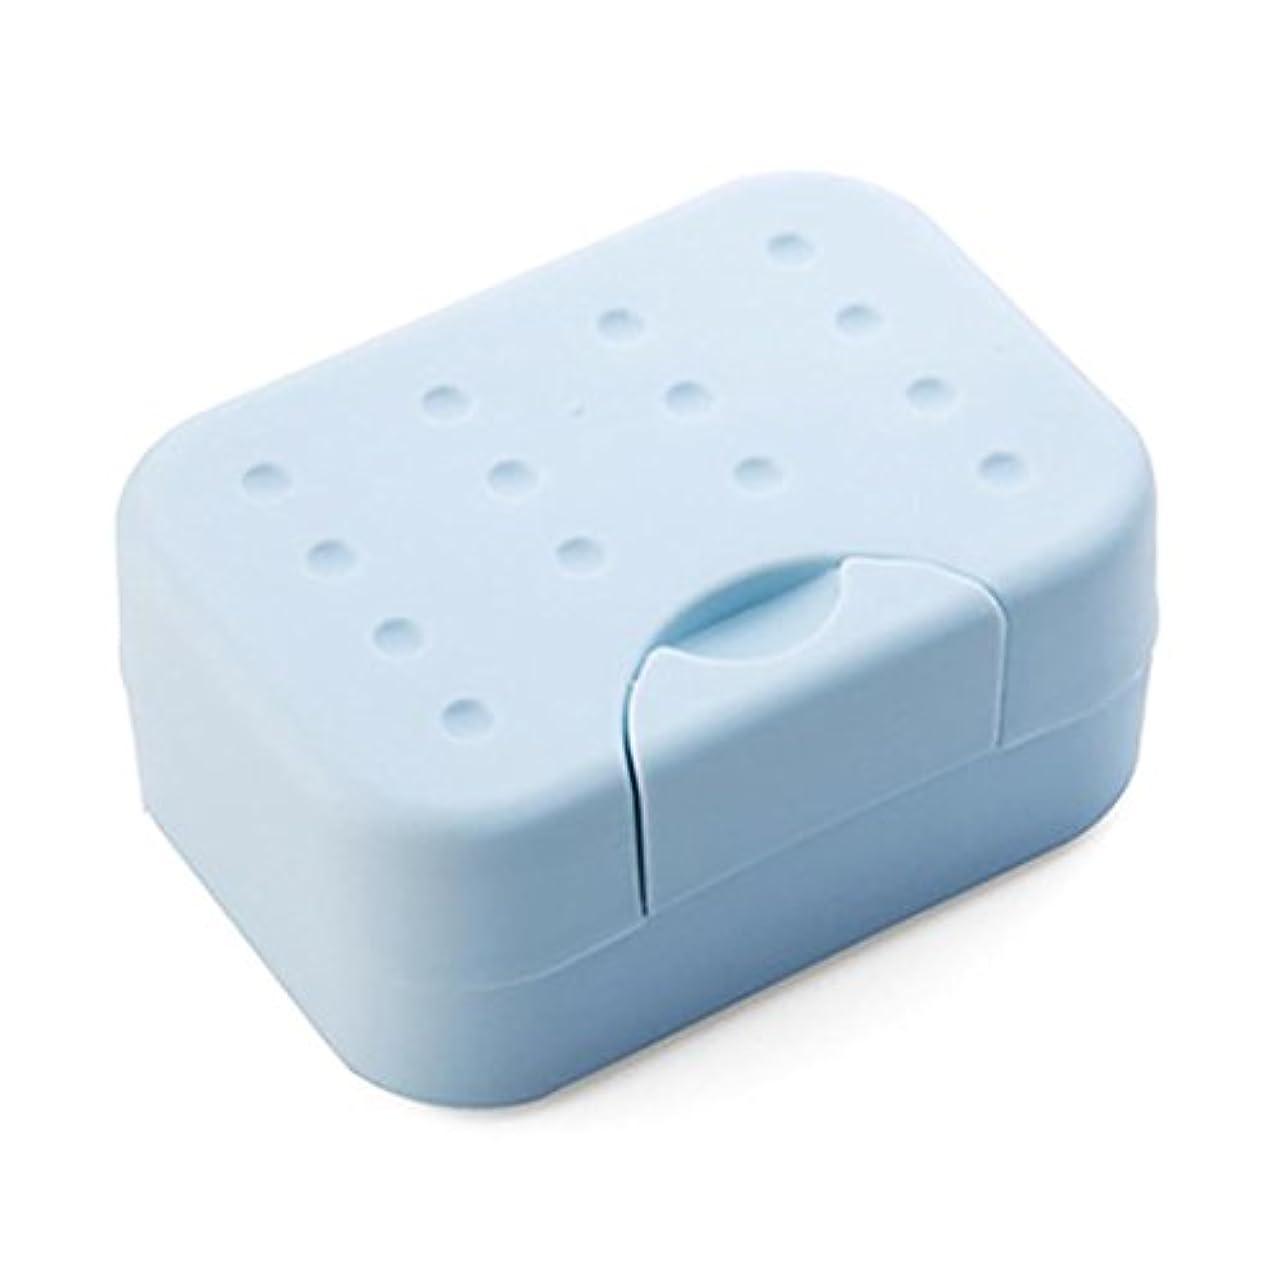 本会議ベイビーexterenカラフルSoap Cute Cartoon旅行ソープディッシュボックスケースホルダーforシャワー one size ブルー